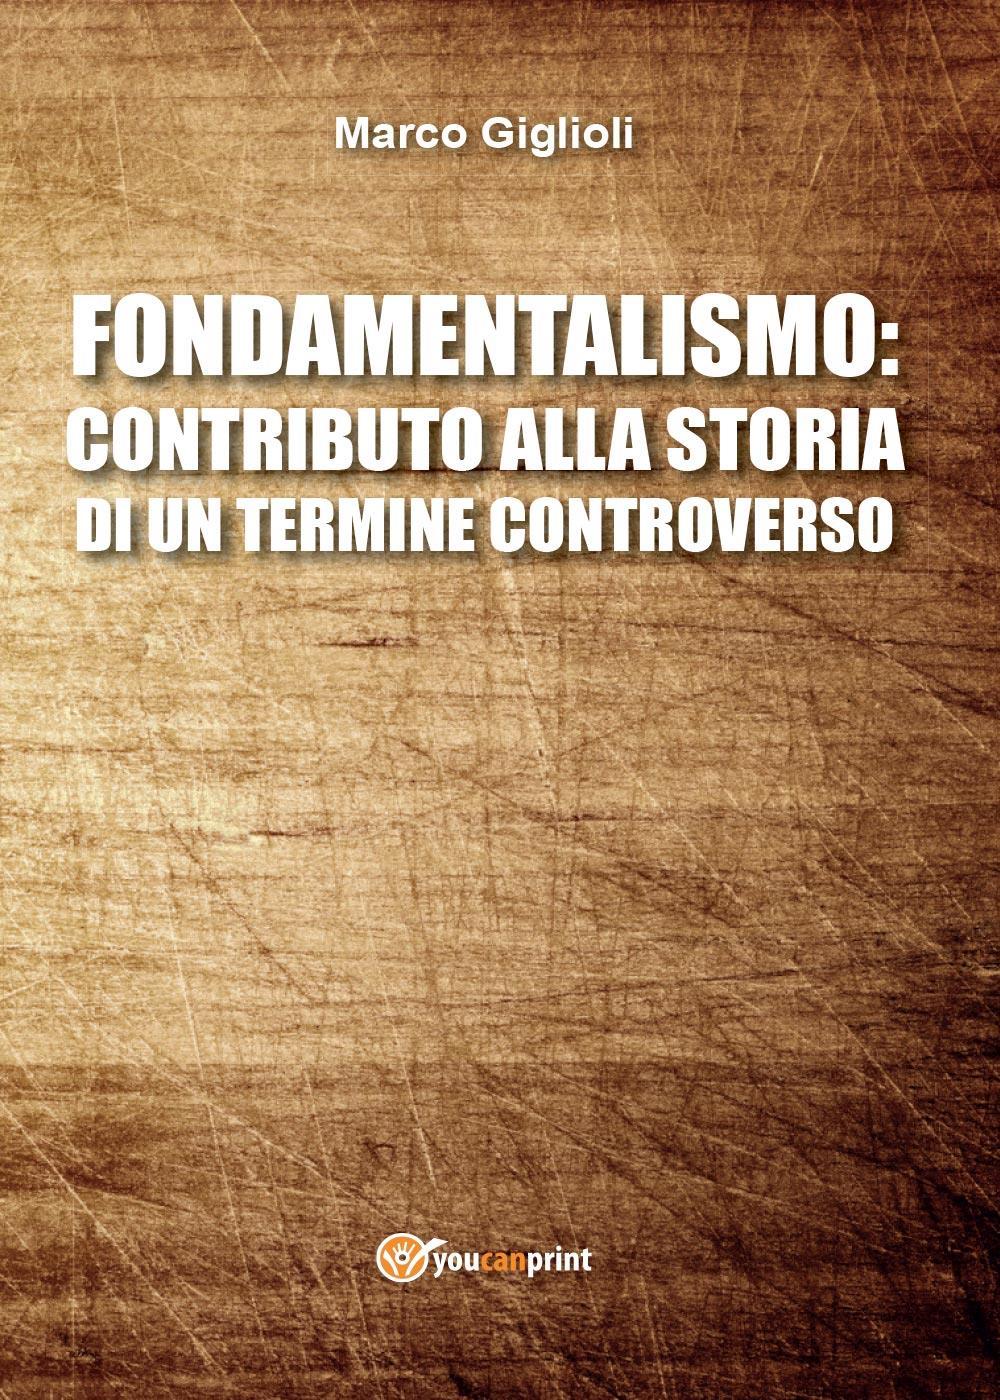 Fondamentalismo: contributo alla storia di un termine controverso